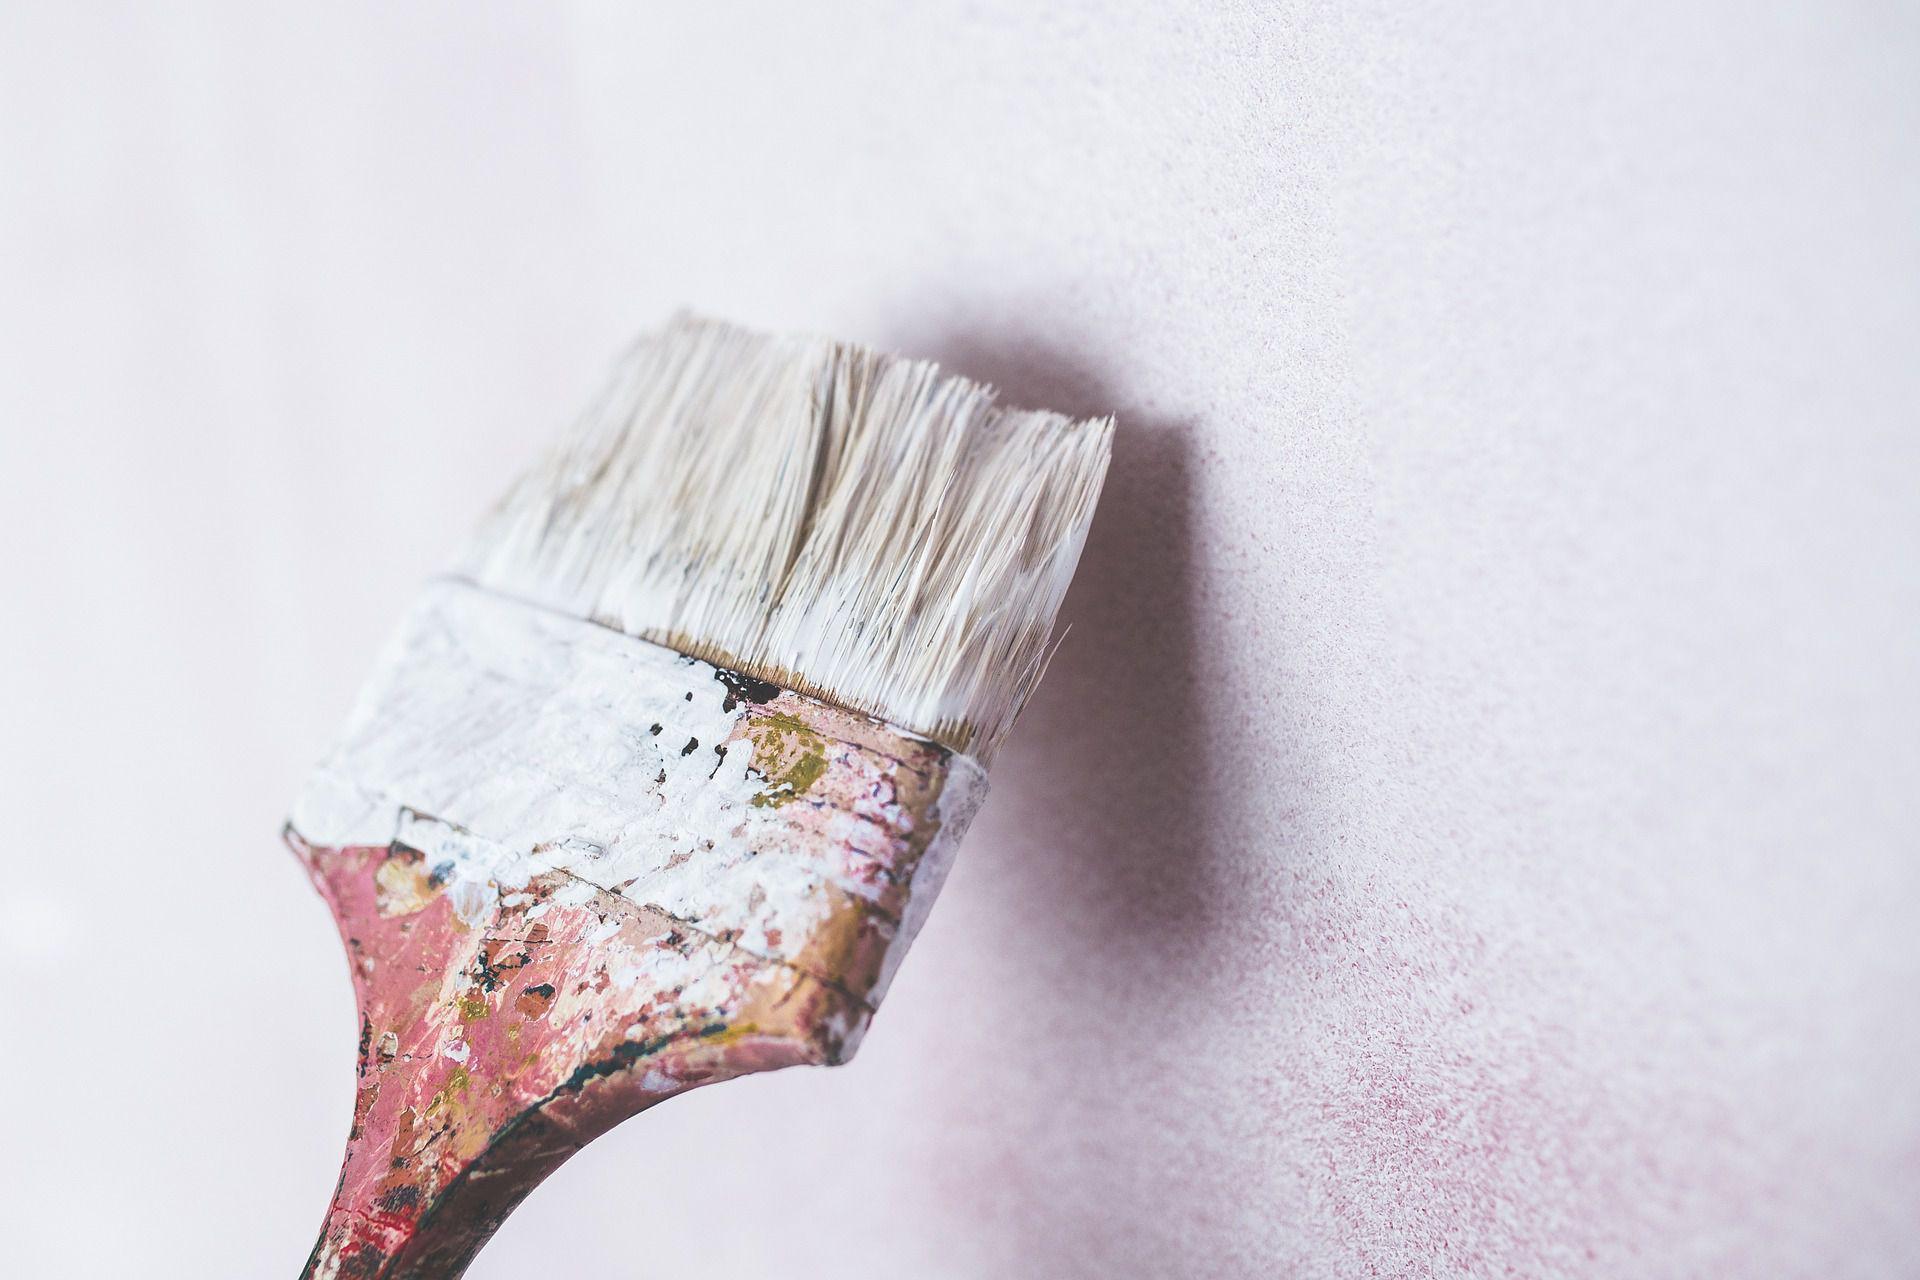 una-pintura-reduce-la-necesidad-de-usar-aire-acondicionado-en-los-dias-mas-calurosos